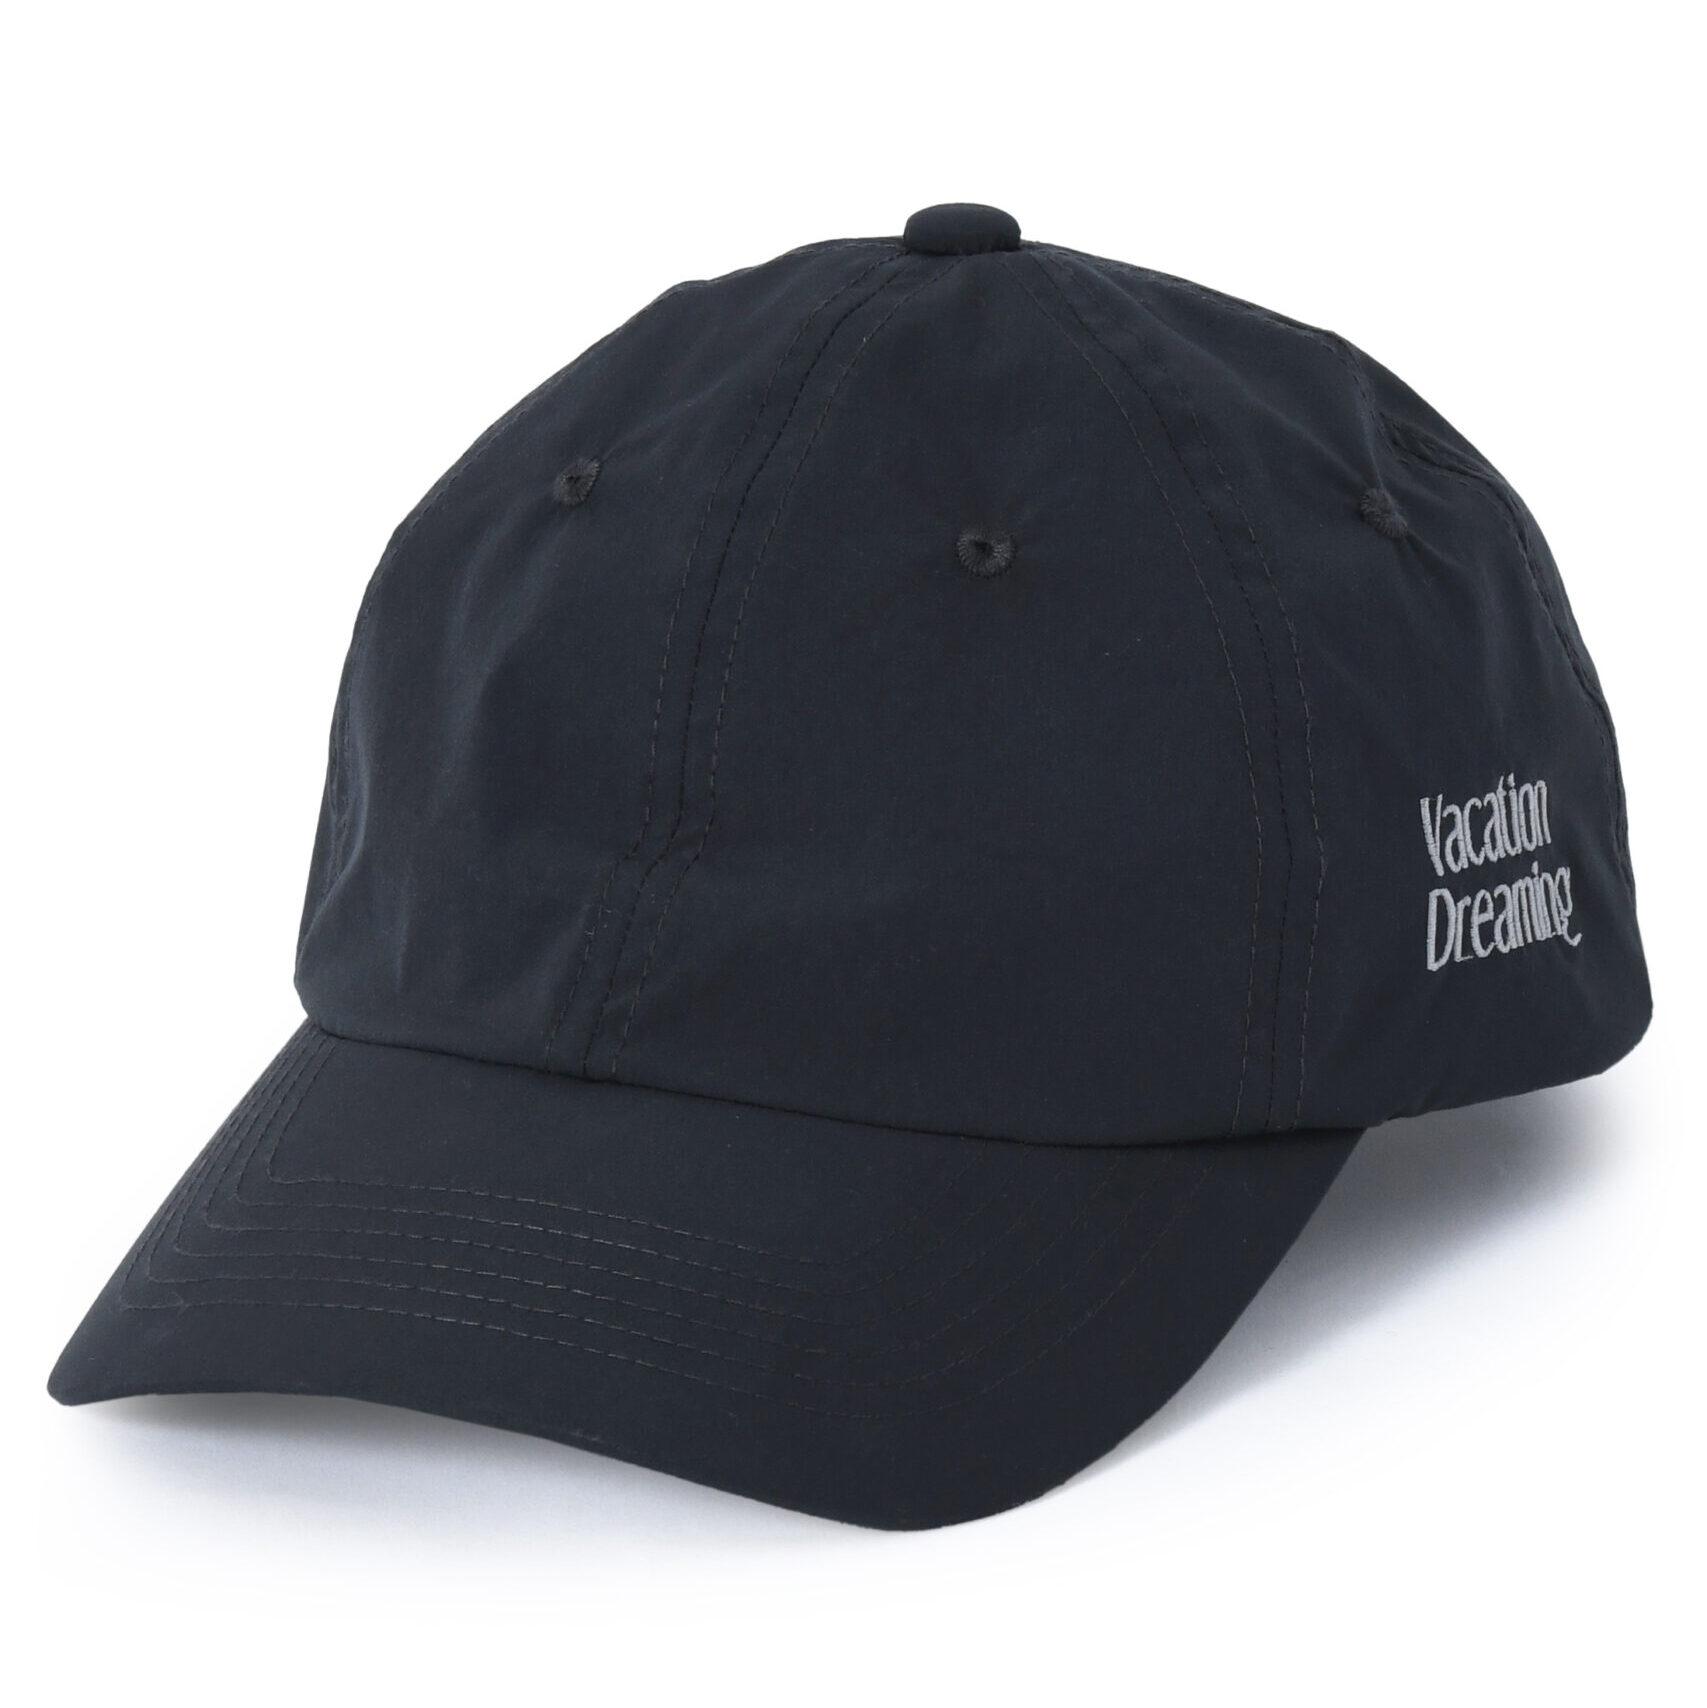 キャップ キャップコーデ 大人キャップ コスパキャップ キャップファッション CAP LITARAL リトラル